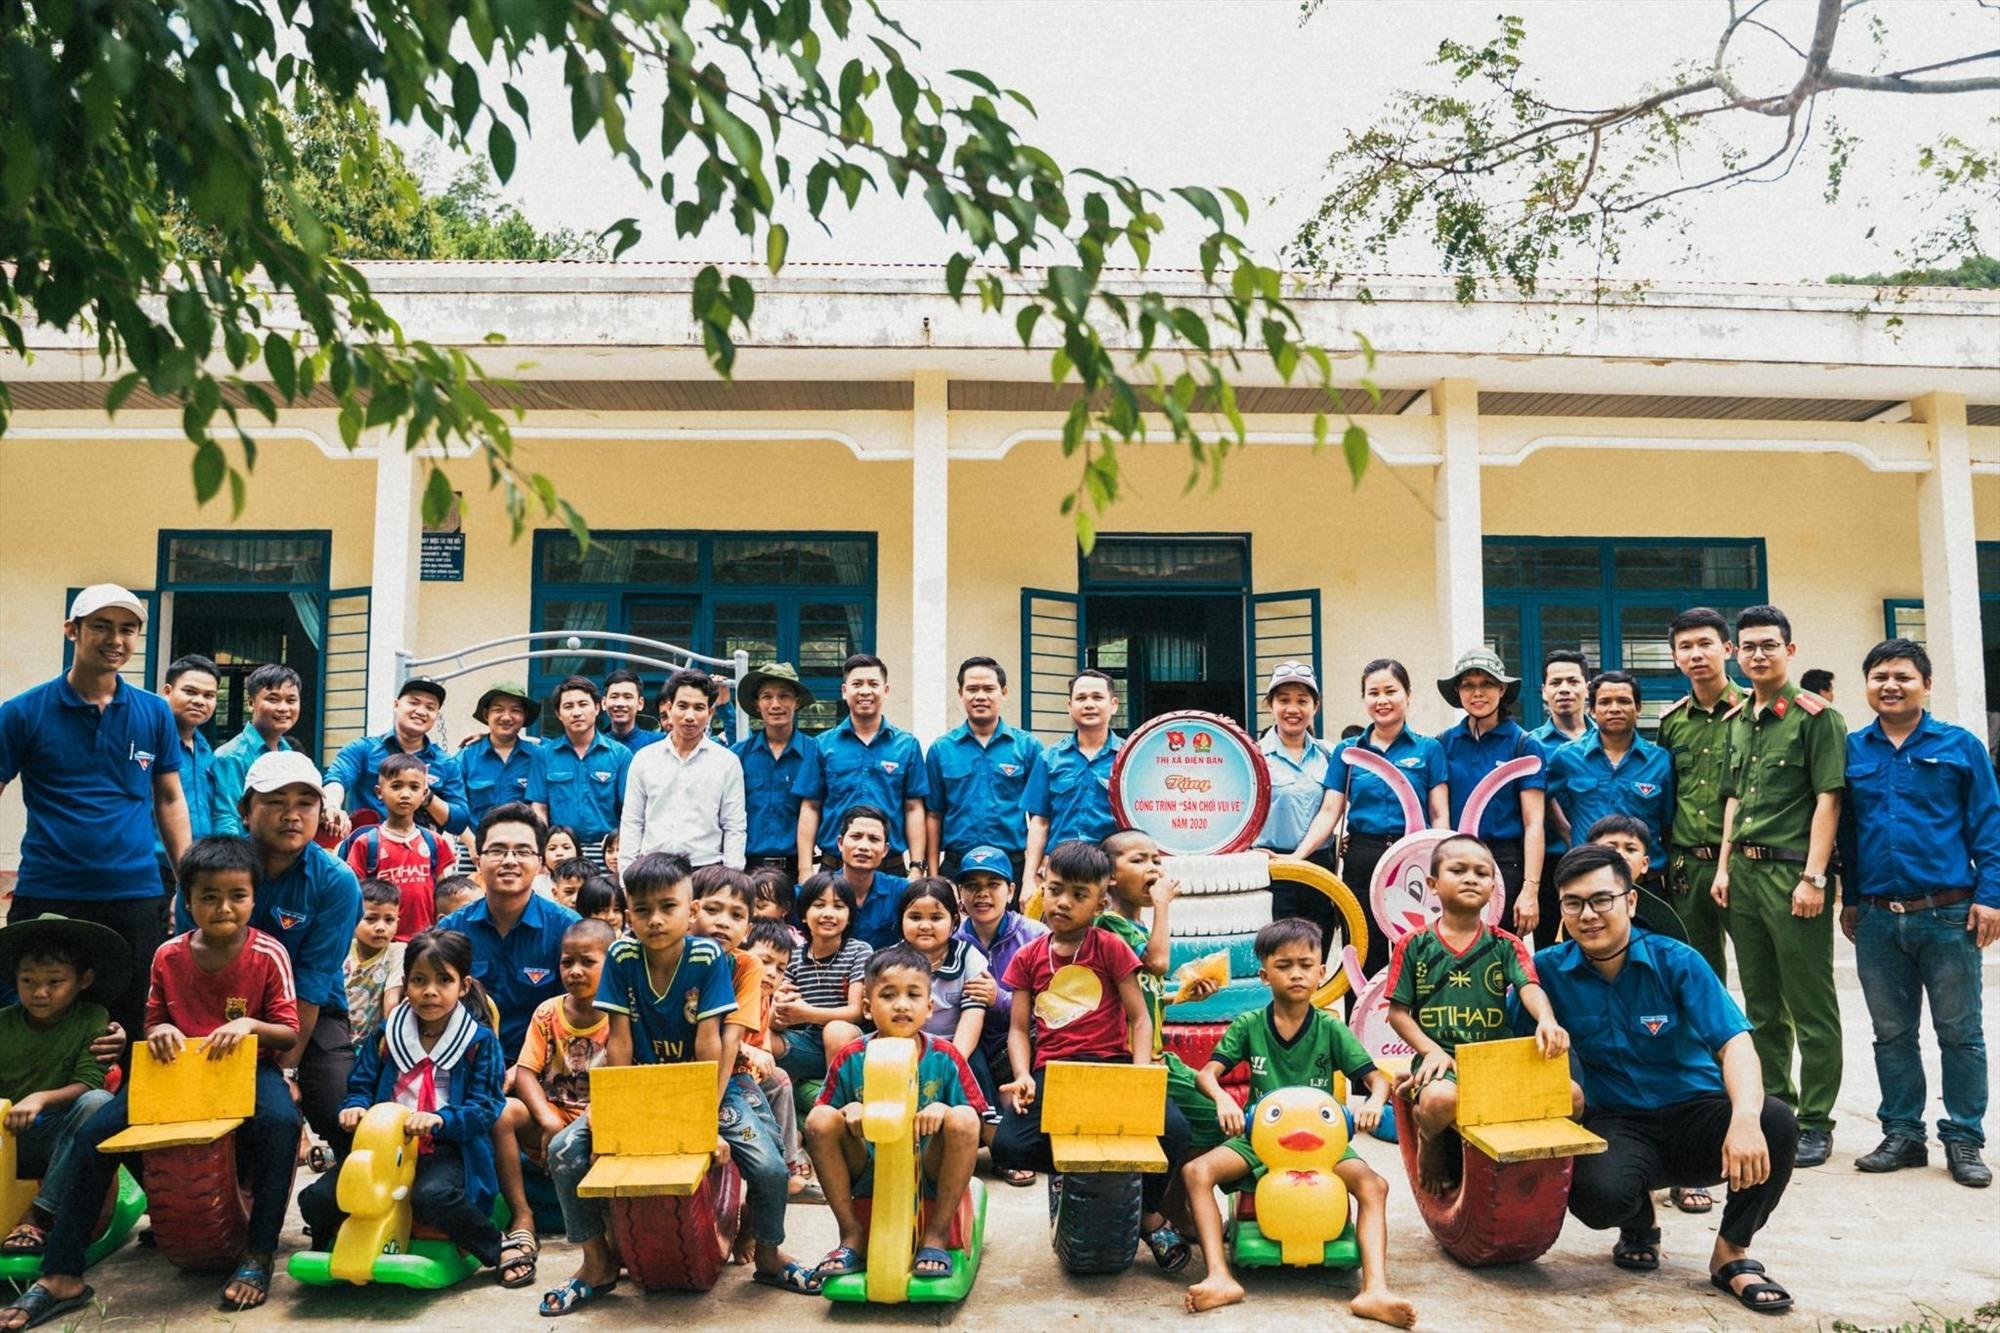 Đoàn tình nguyện tặng khu vui chơi cho học sinh điểm trường Adinh, Trường Tiểu học Prao. Ảnh: THÀNH NHÂN